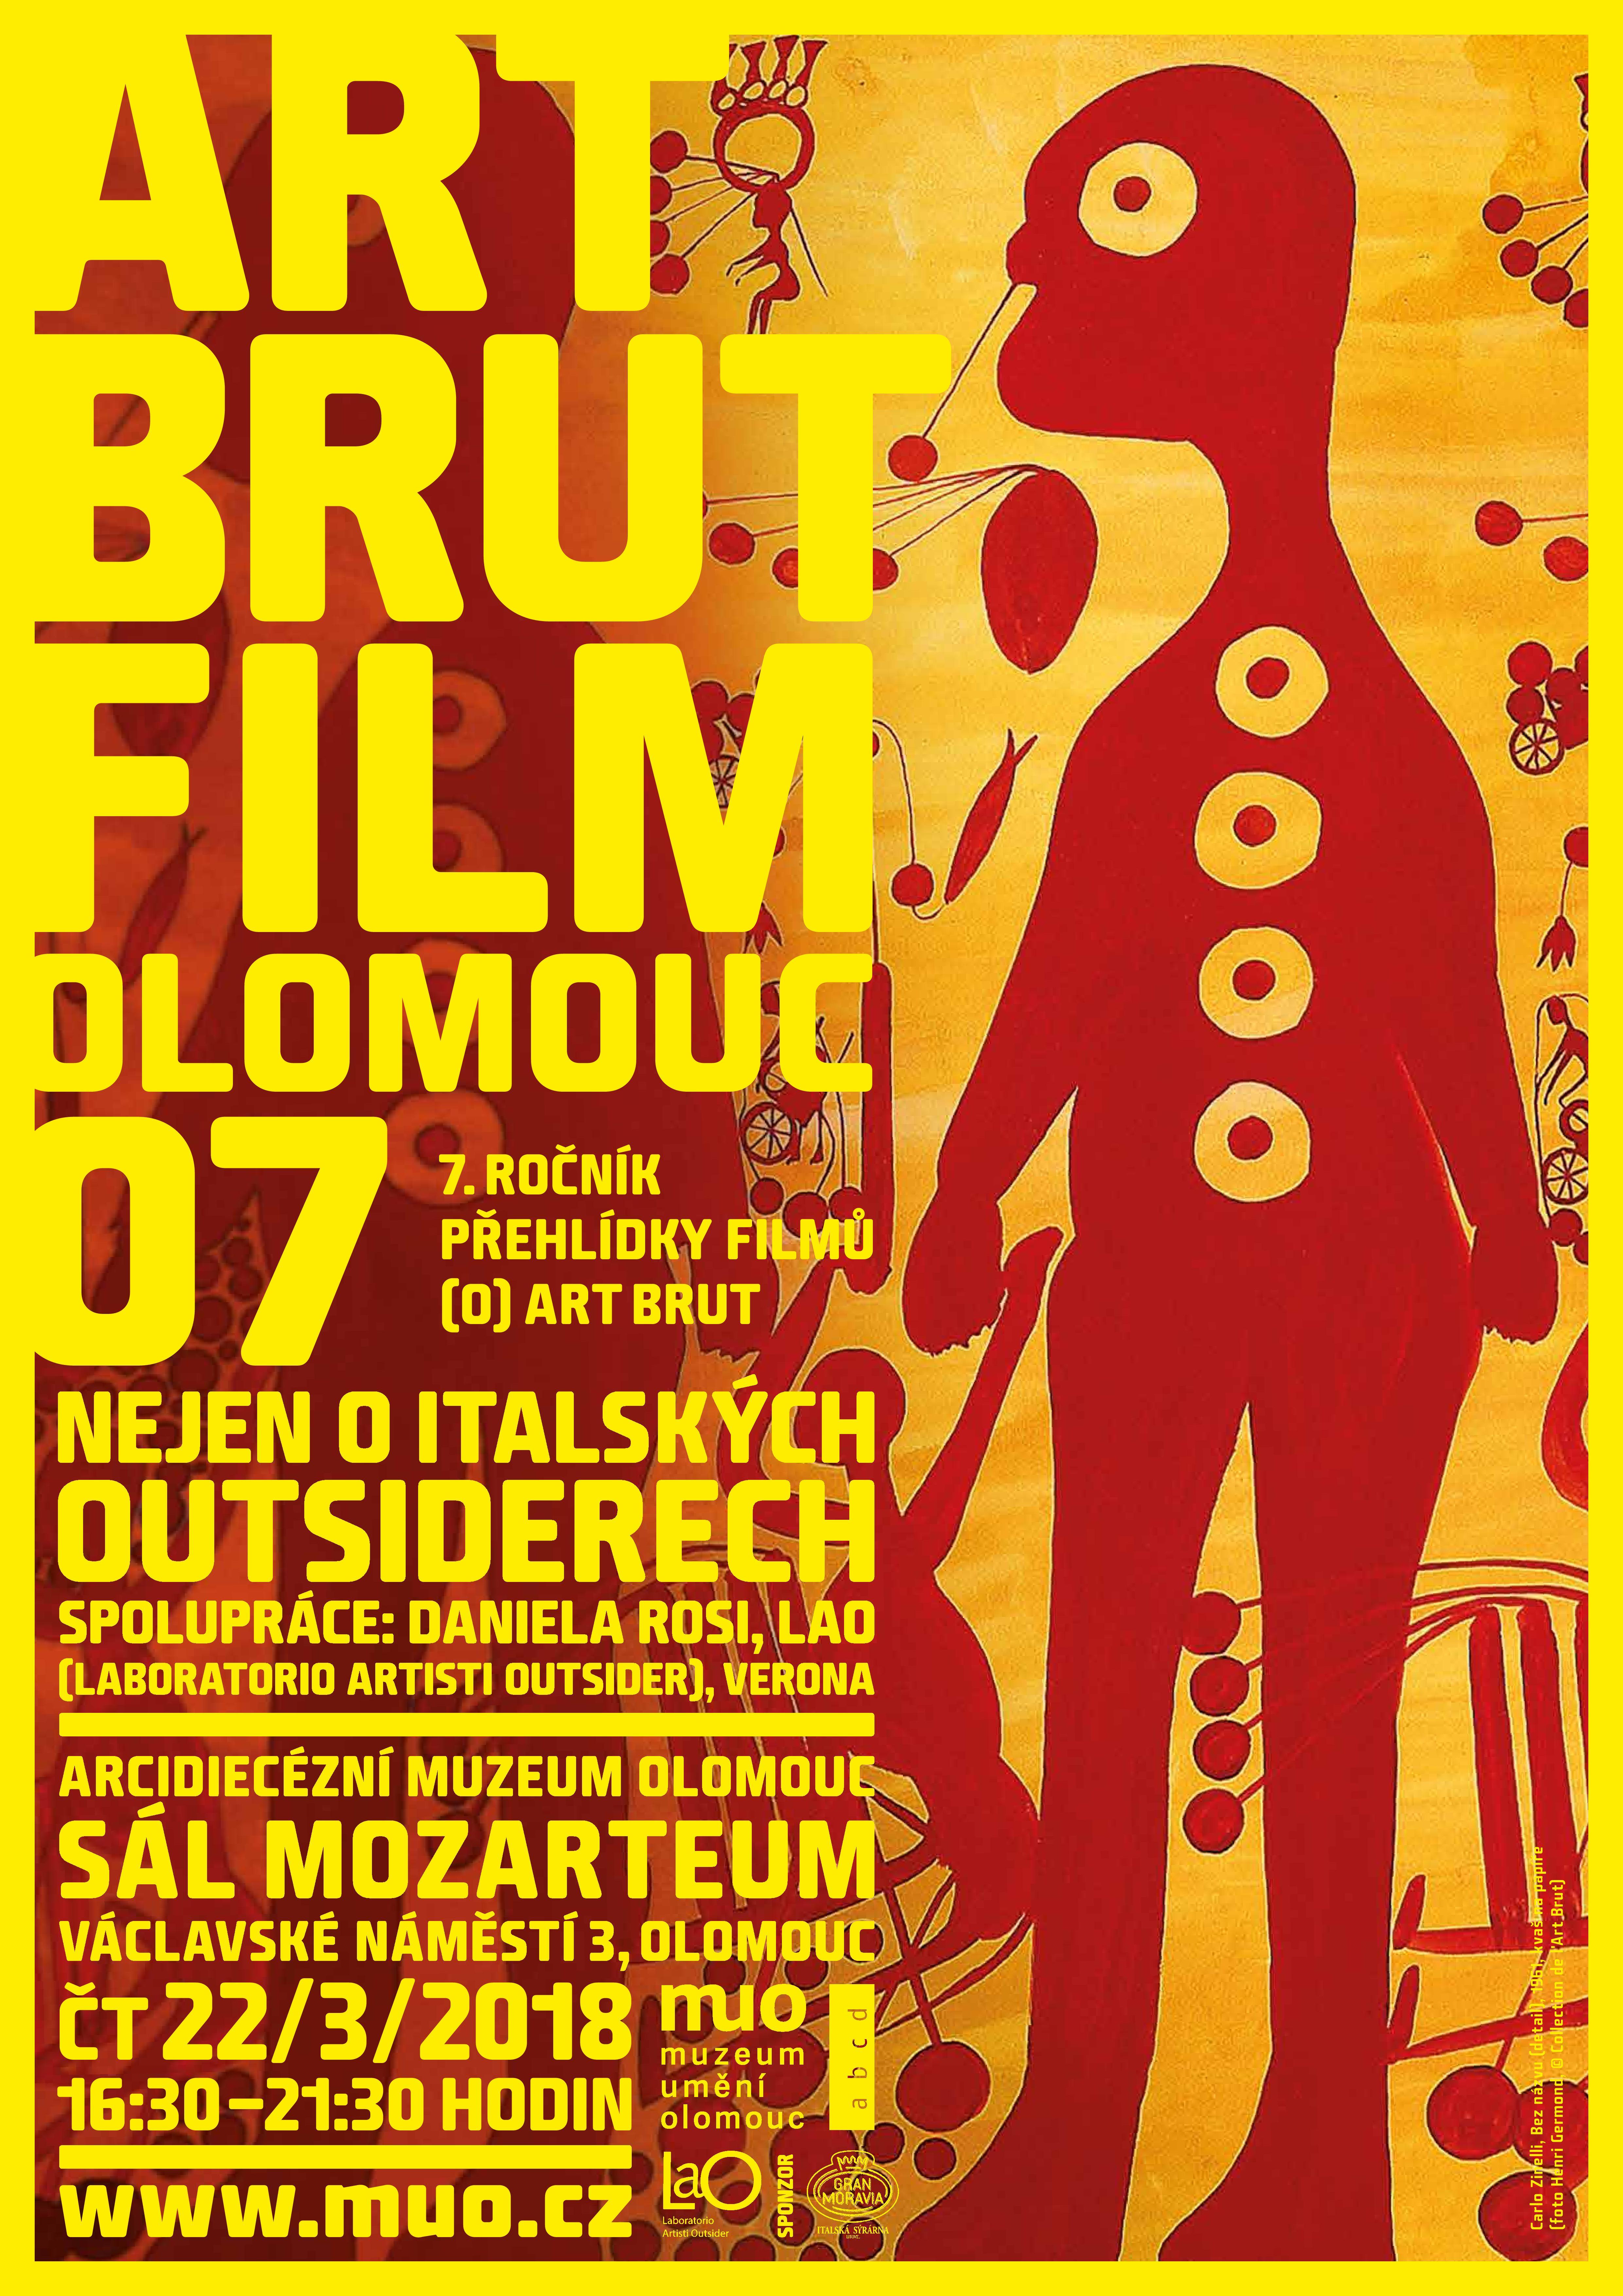 ART BRUT FILM 07 - Plakát_ A2_návrhy-page-003